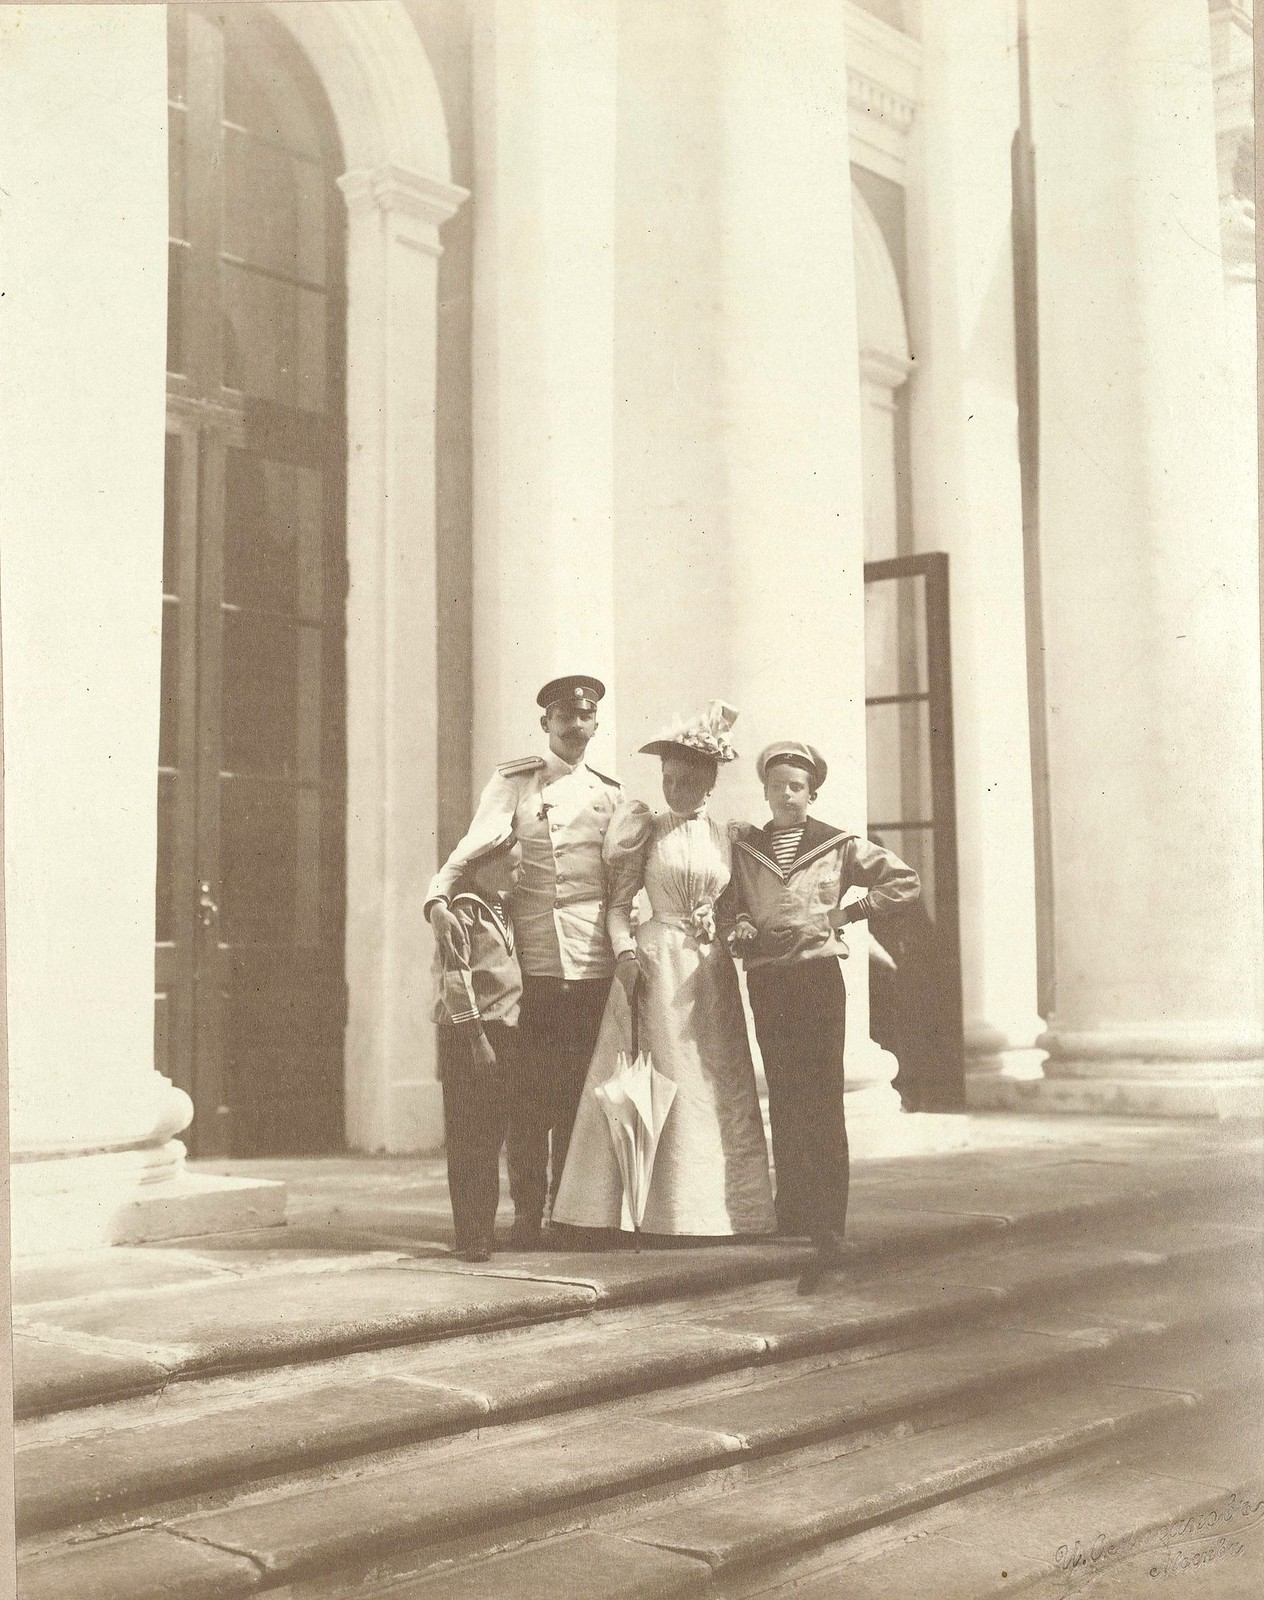 З.Н. и Ф.Ф. Юсуповы с детьми на ступеньках дворца в Архангельском, анфас